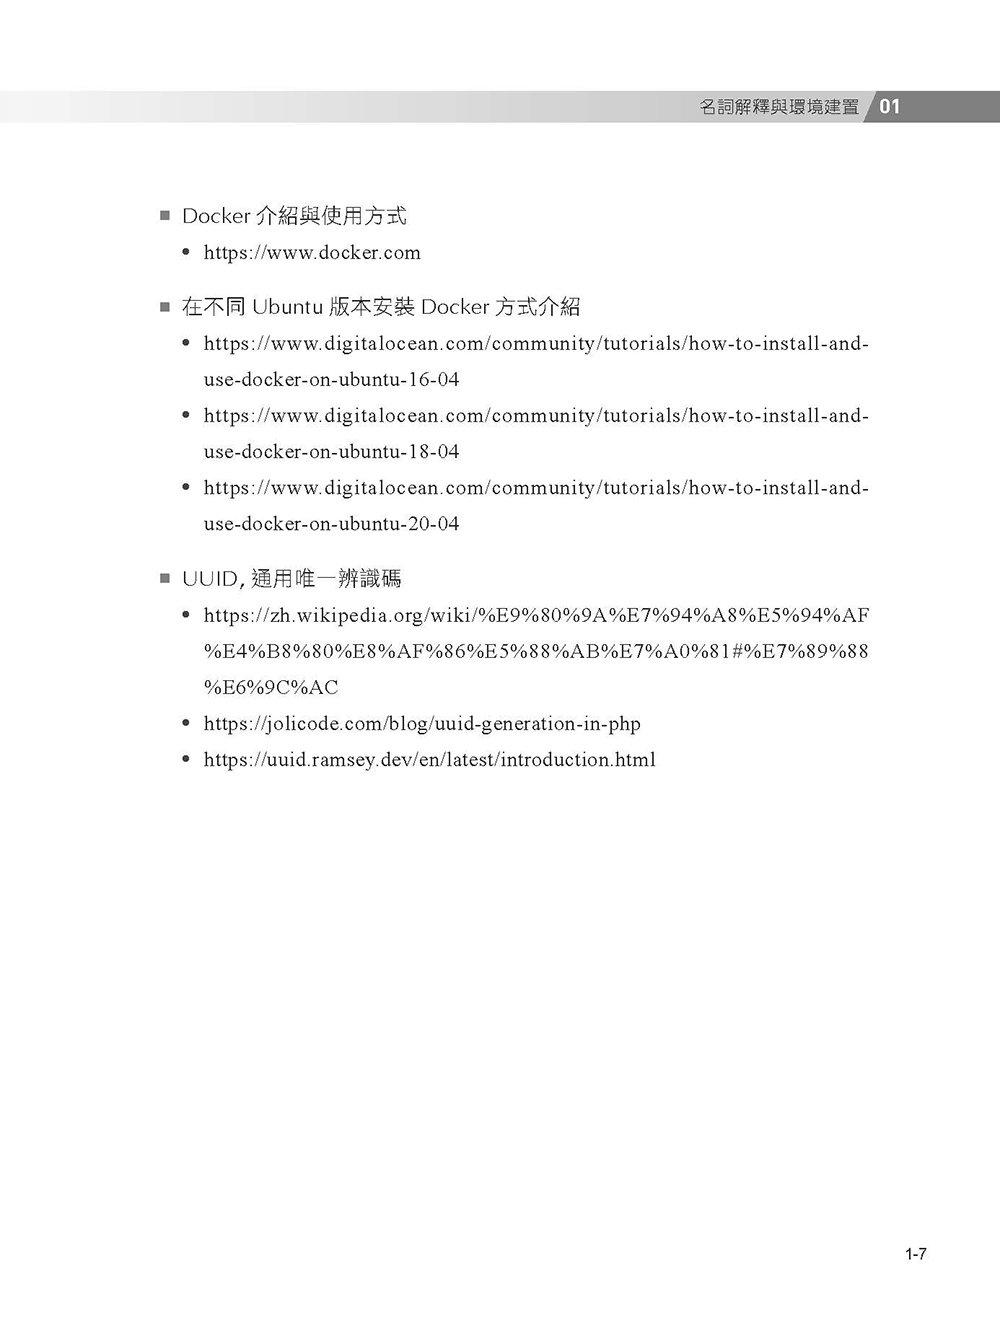 PHP 網路爬蟲開發:入門到進階的爬蟲技術指南(iT邦幫忙鐵人賽系列書)-preview-9